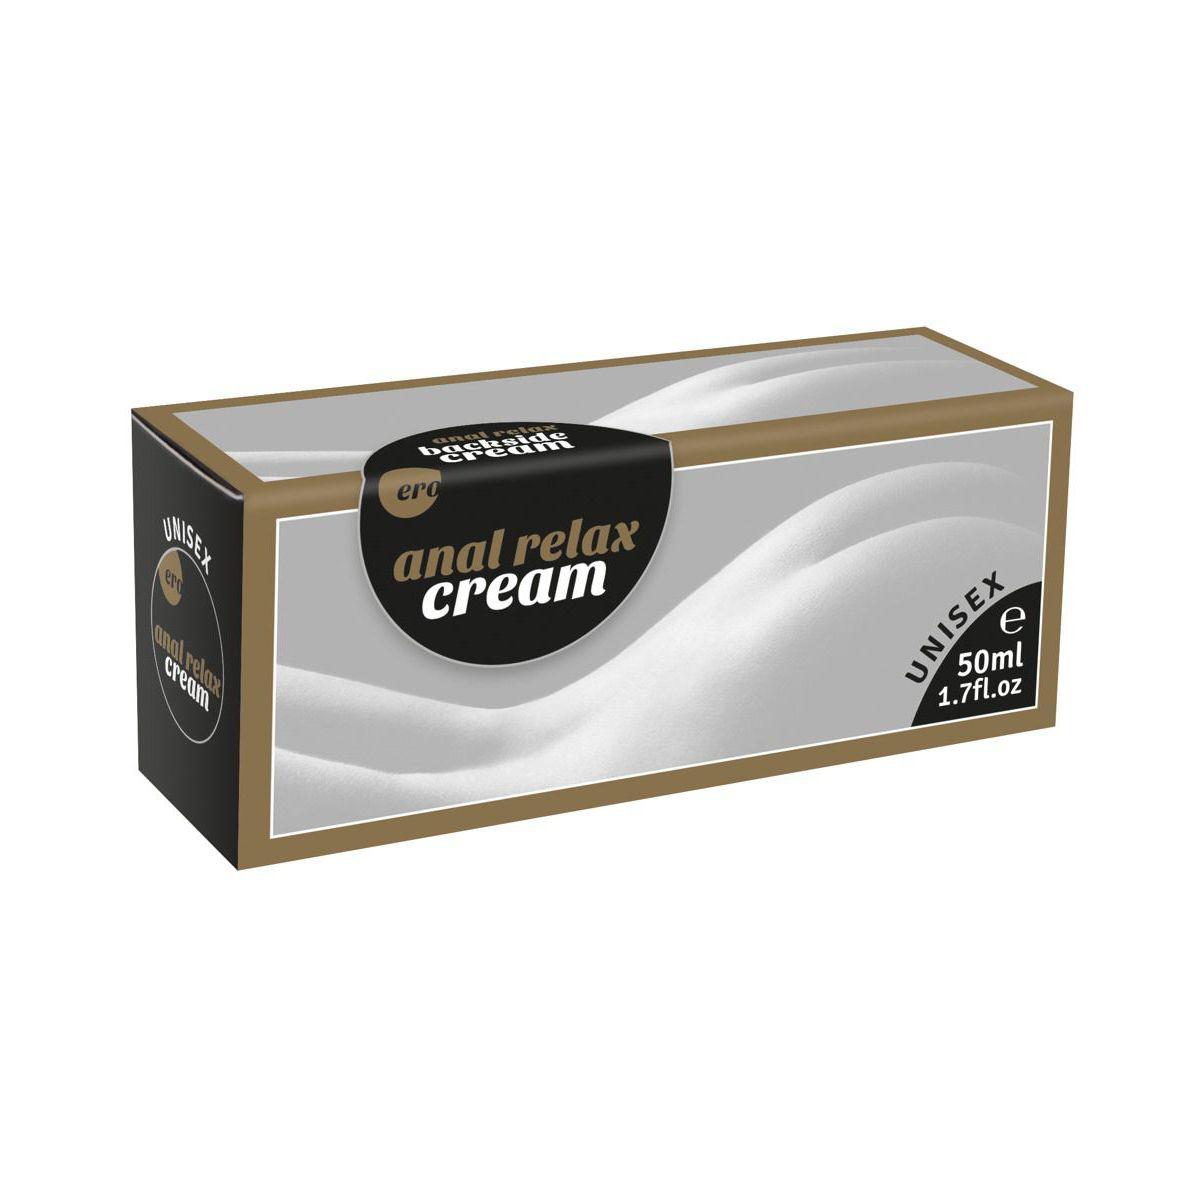 Crema anal relajante y lubricante 50 ml